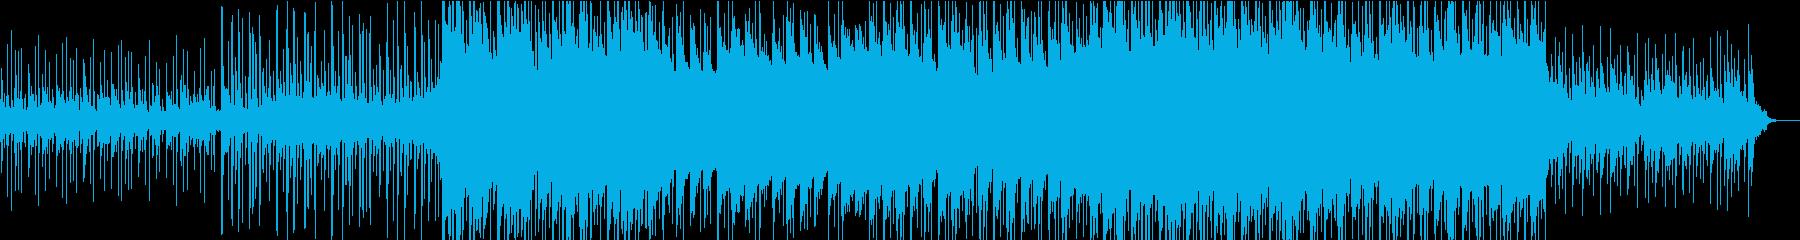 夏祭りの幻想的な夜・和風ヒップホップの再生済みの波形